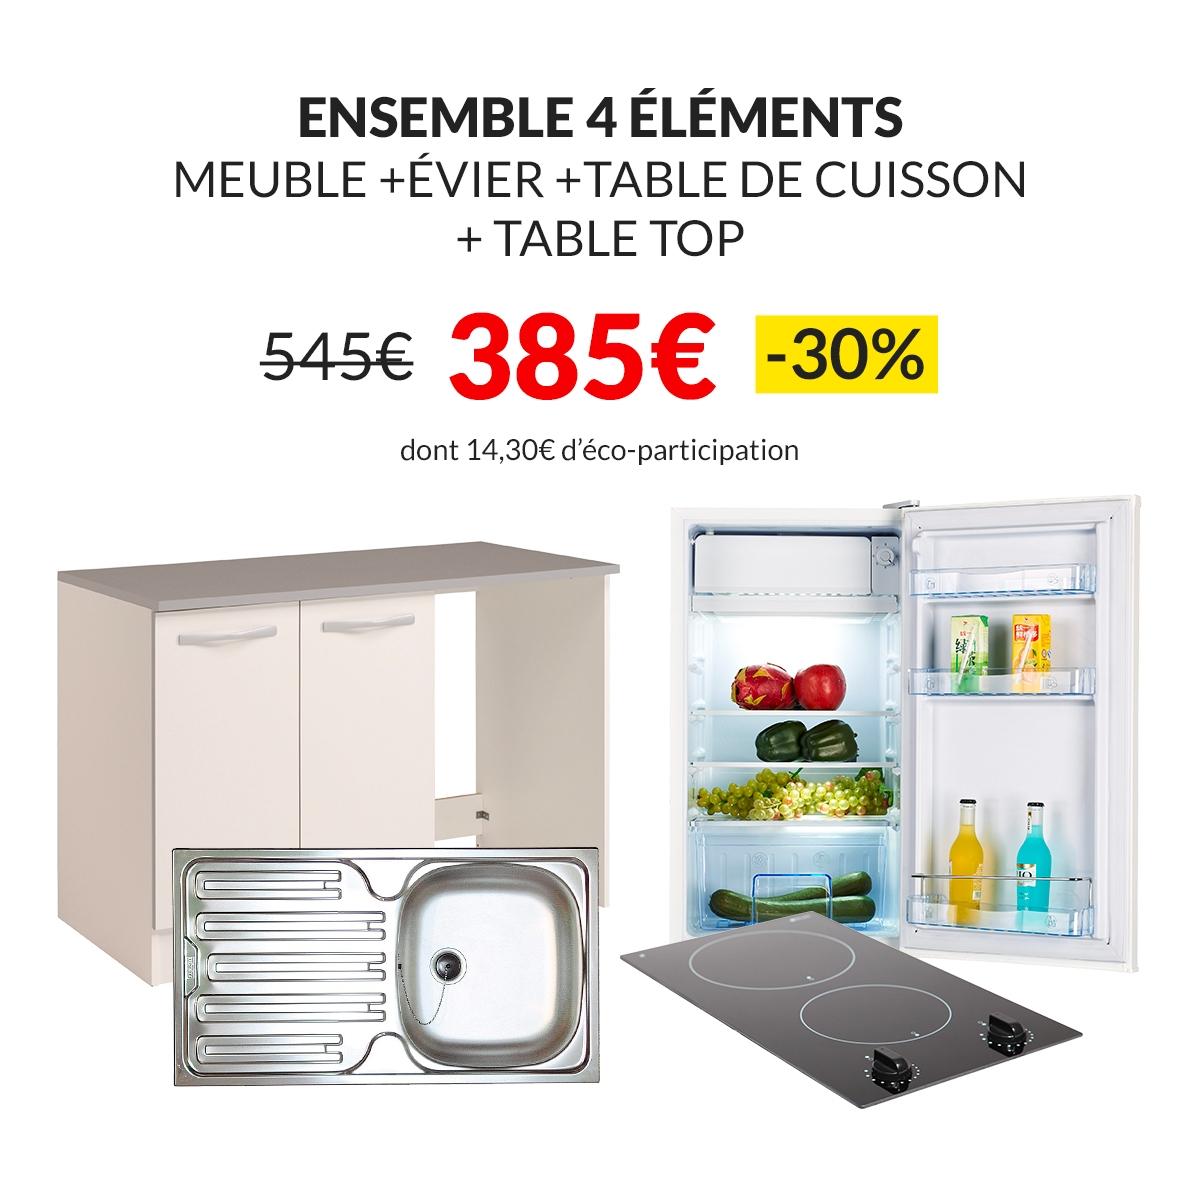 -30% sur l'ensemble 4 éléments : Meuble de cuisine + Evier + Table de cuisson + Table top